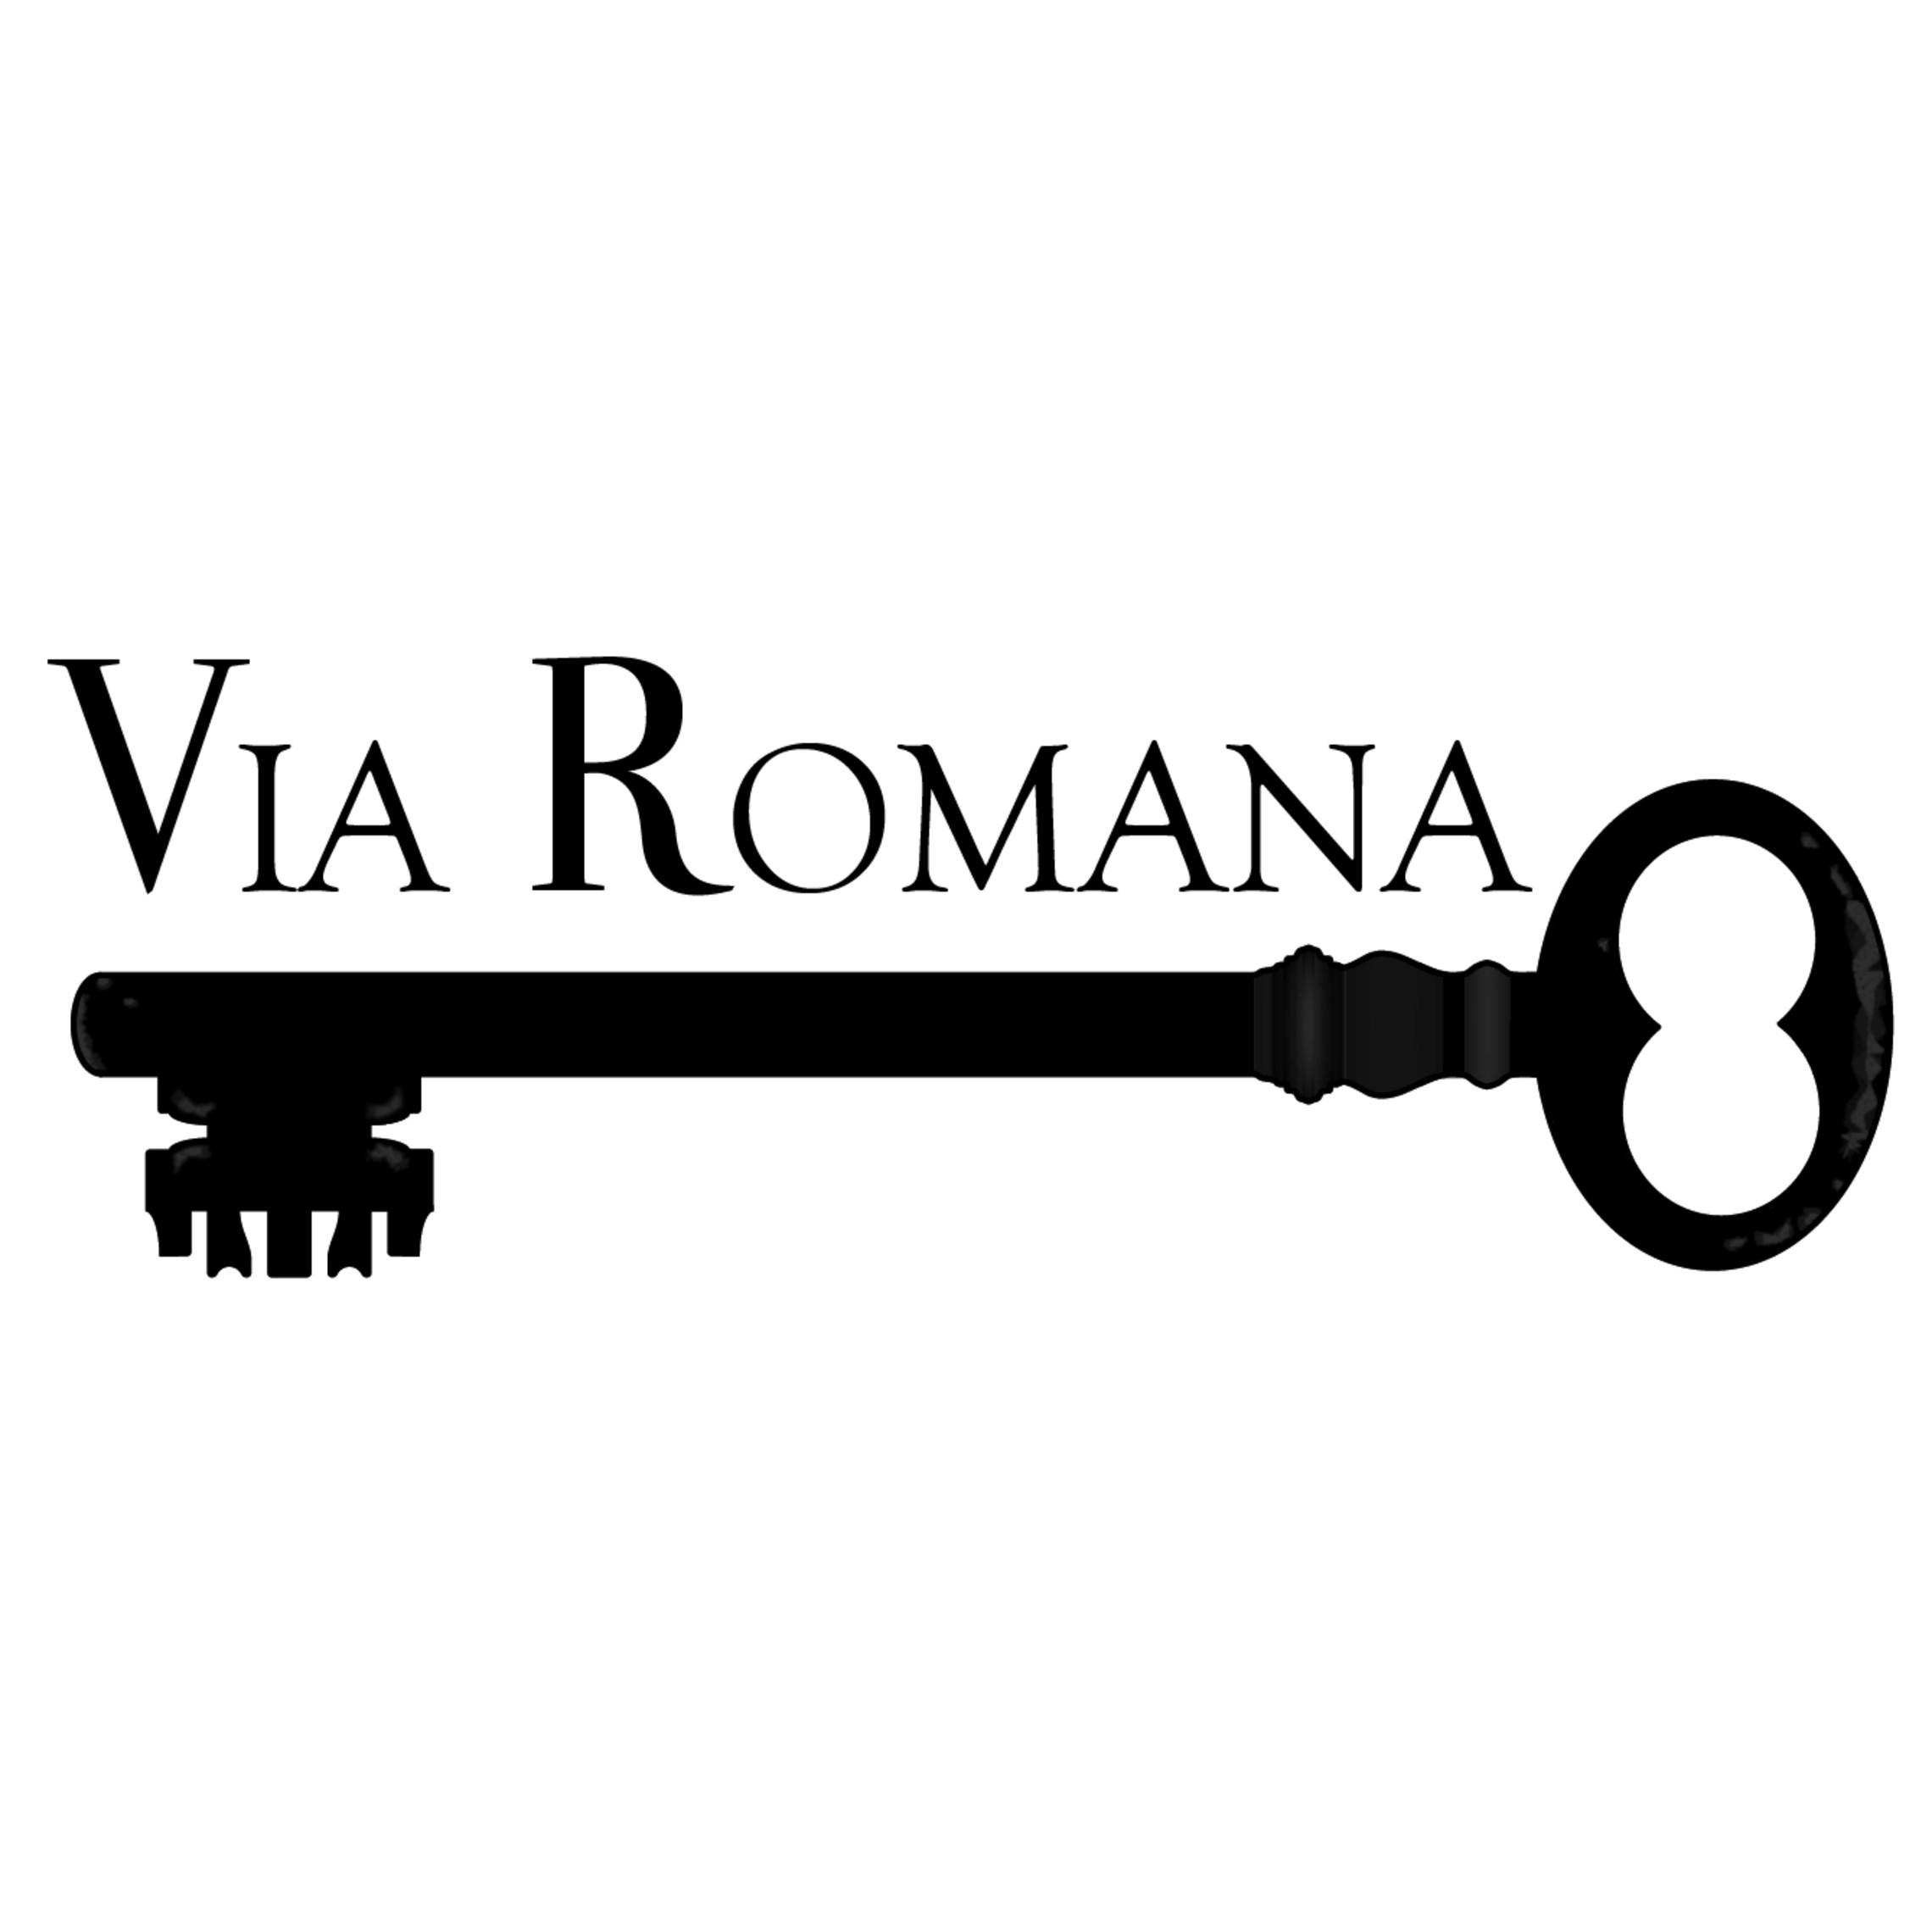 via romana srls- company logo